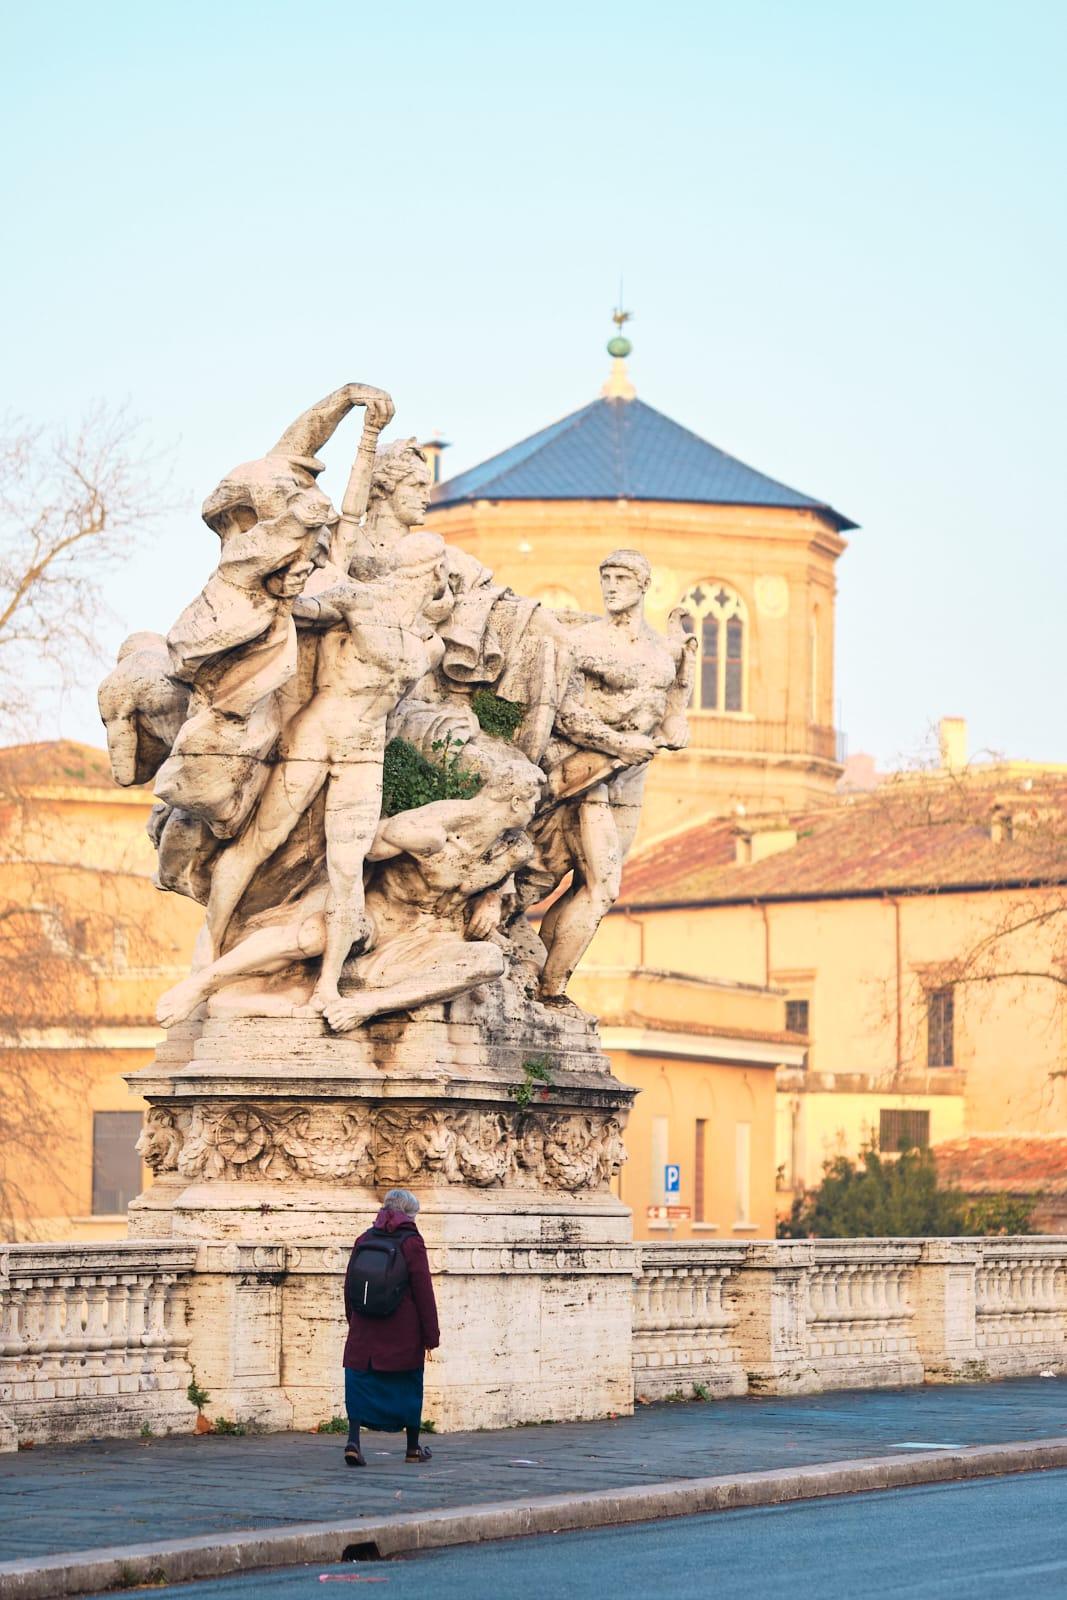 Gruppi scultorei, Ponte Vittorio Emanuele II, Roma